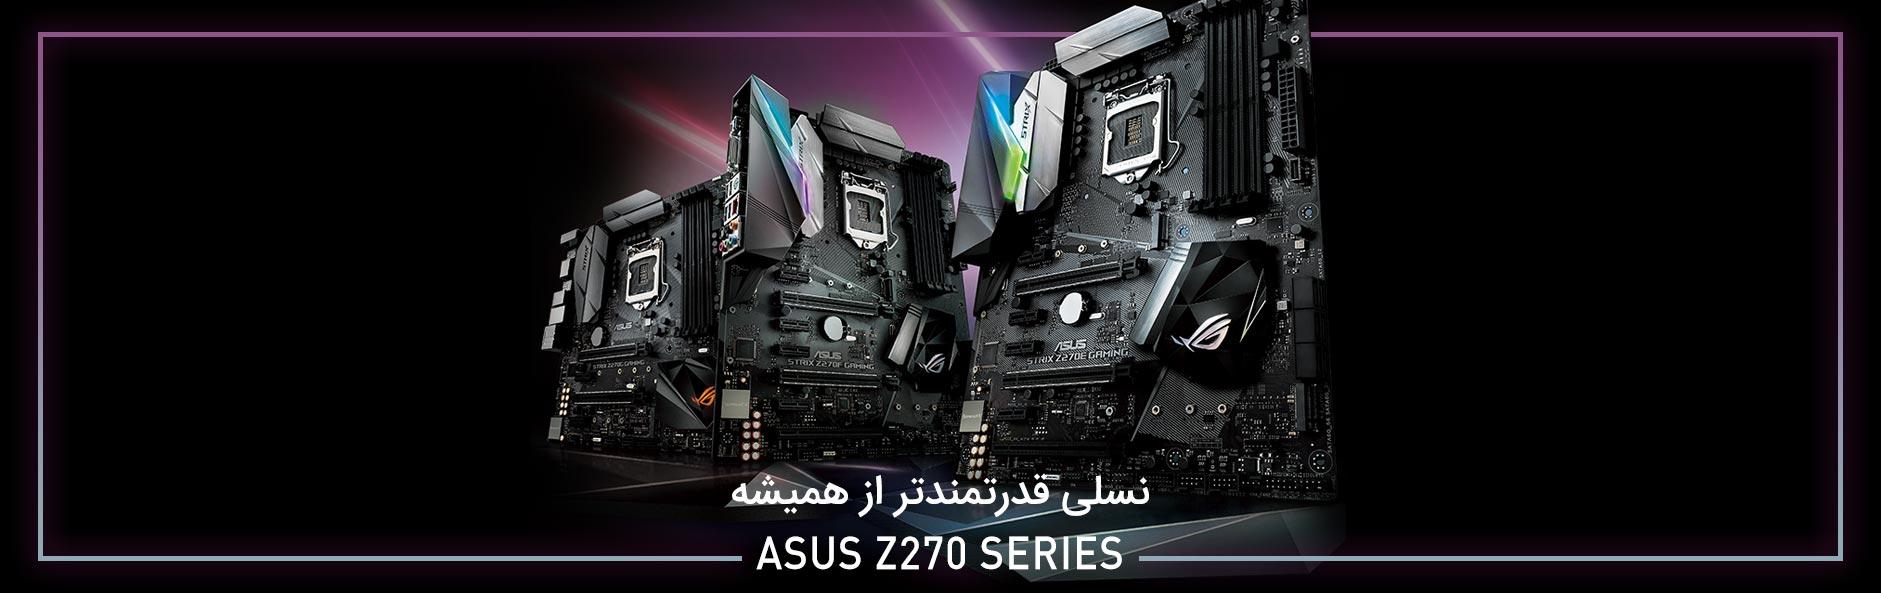 ASUS Z270